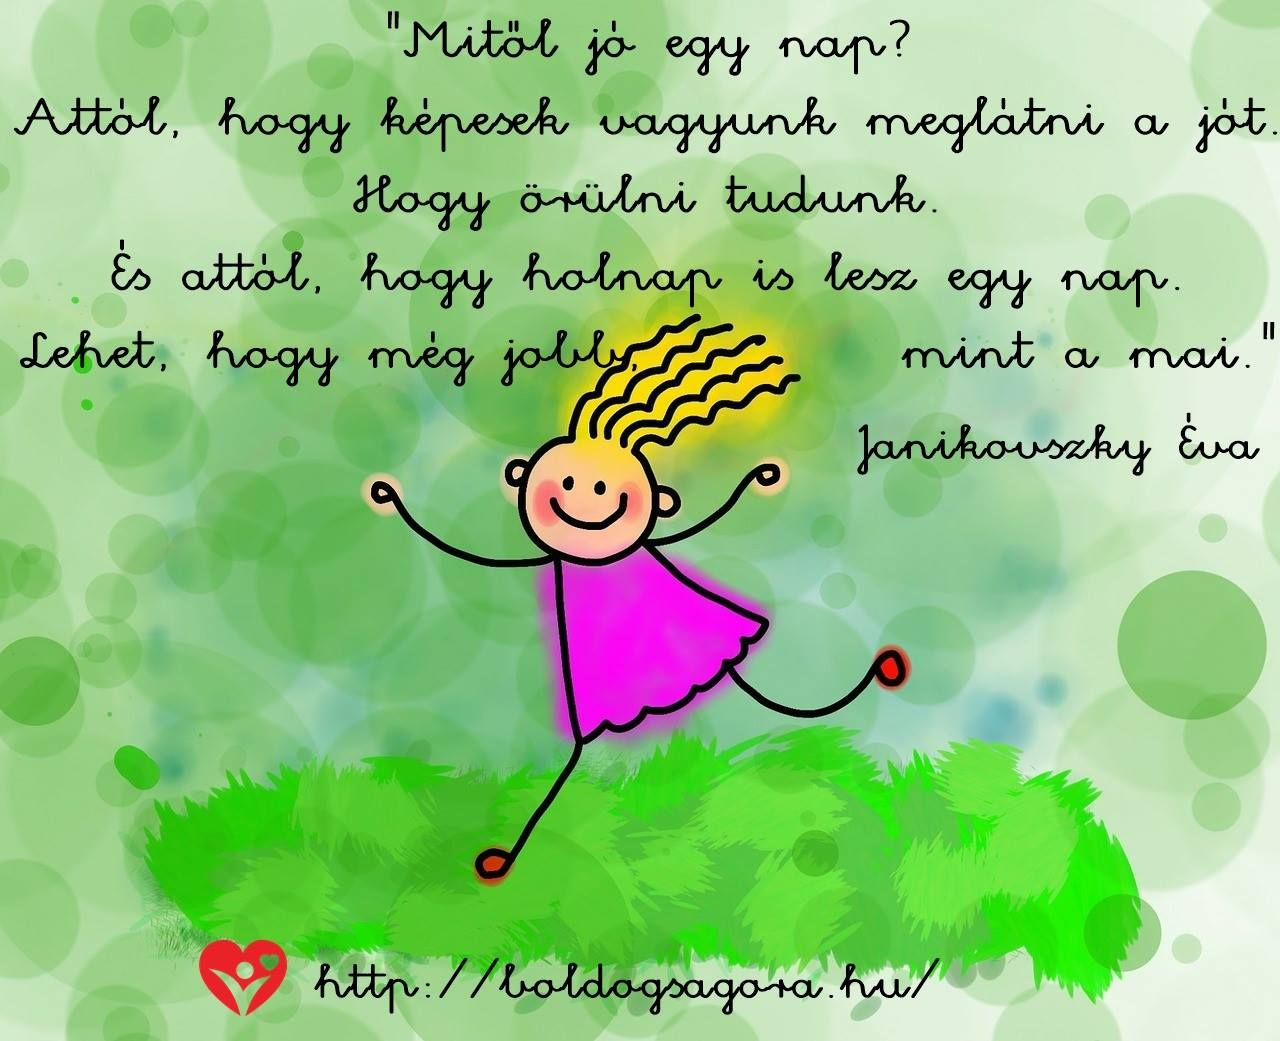 emlékkönyvbe idézetek gyerekeknek Janikovszky Éva idézet az optimista szemléletről. A kép forrása